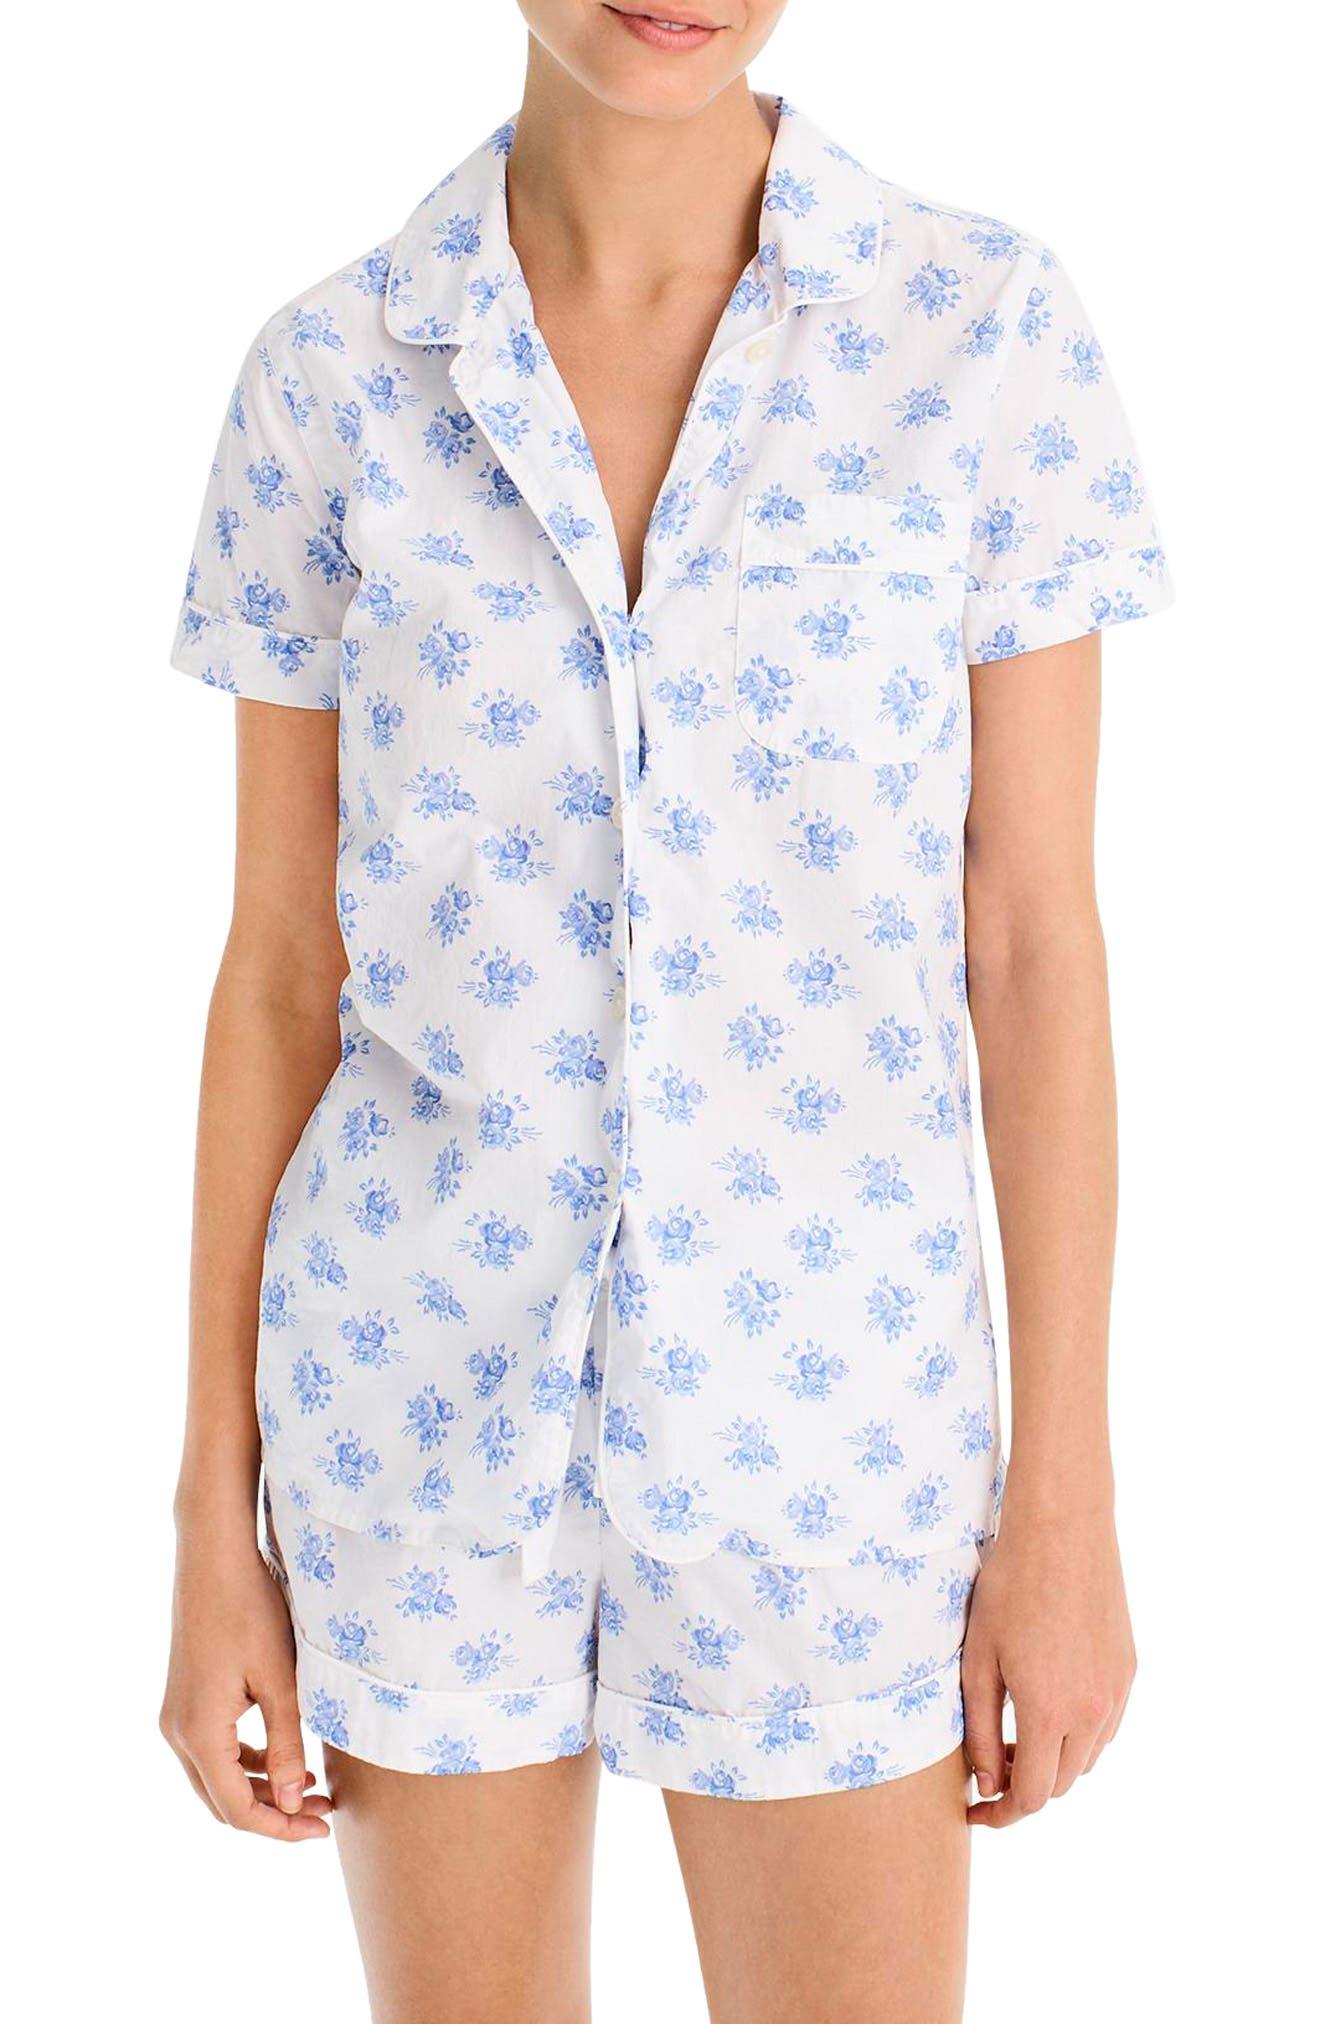 Sweet Pea Pajamas,                             Main thumbnail 1, color,                             900